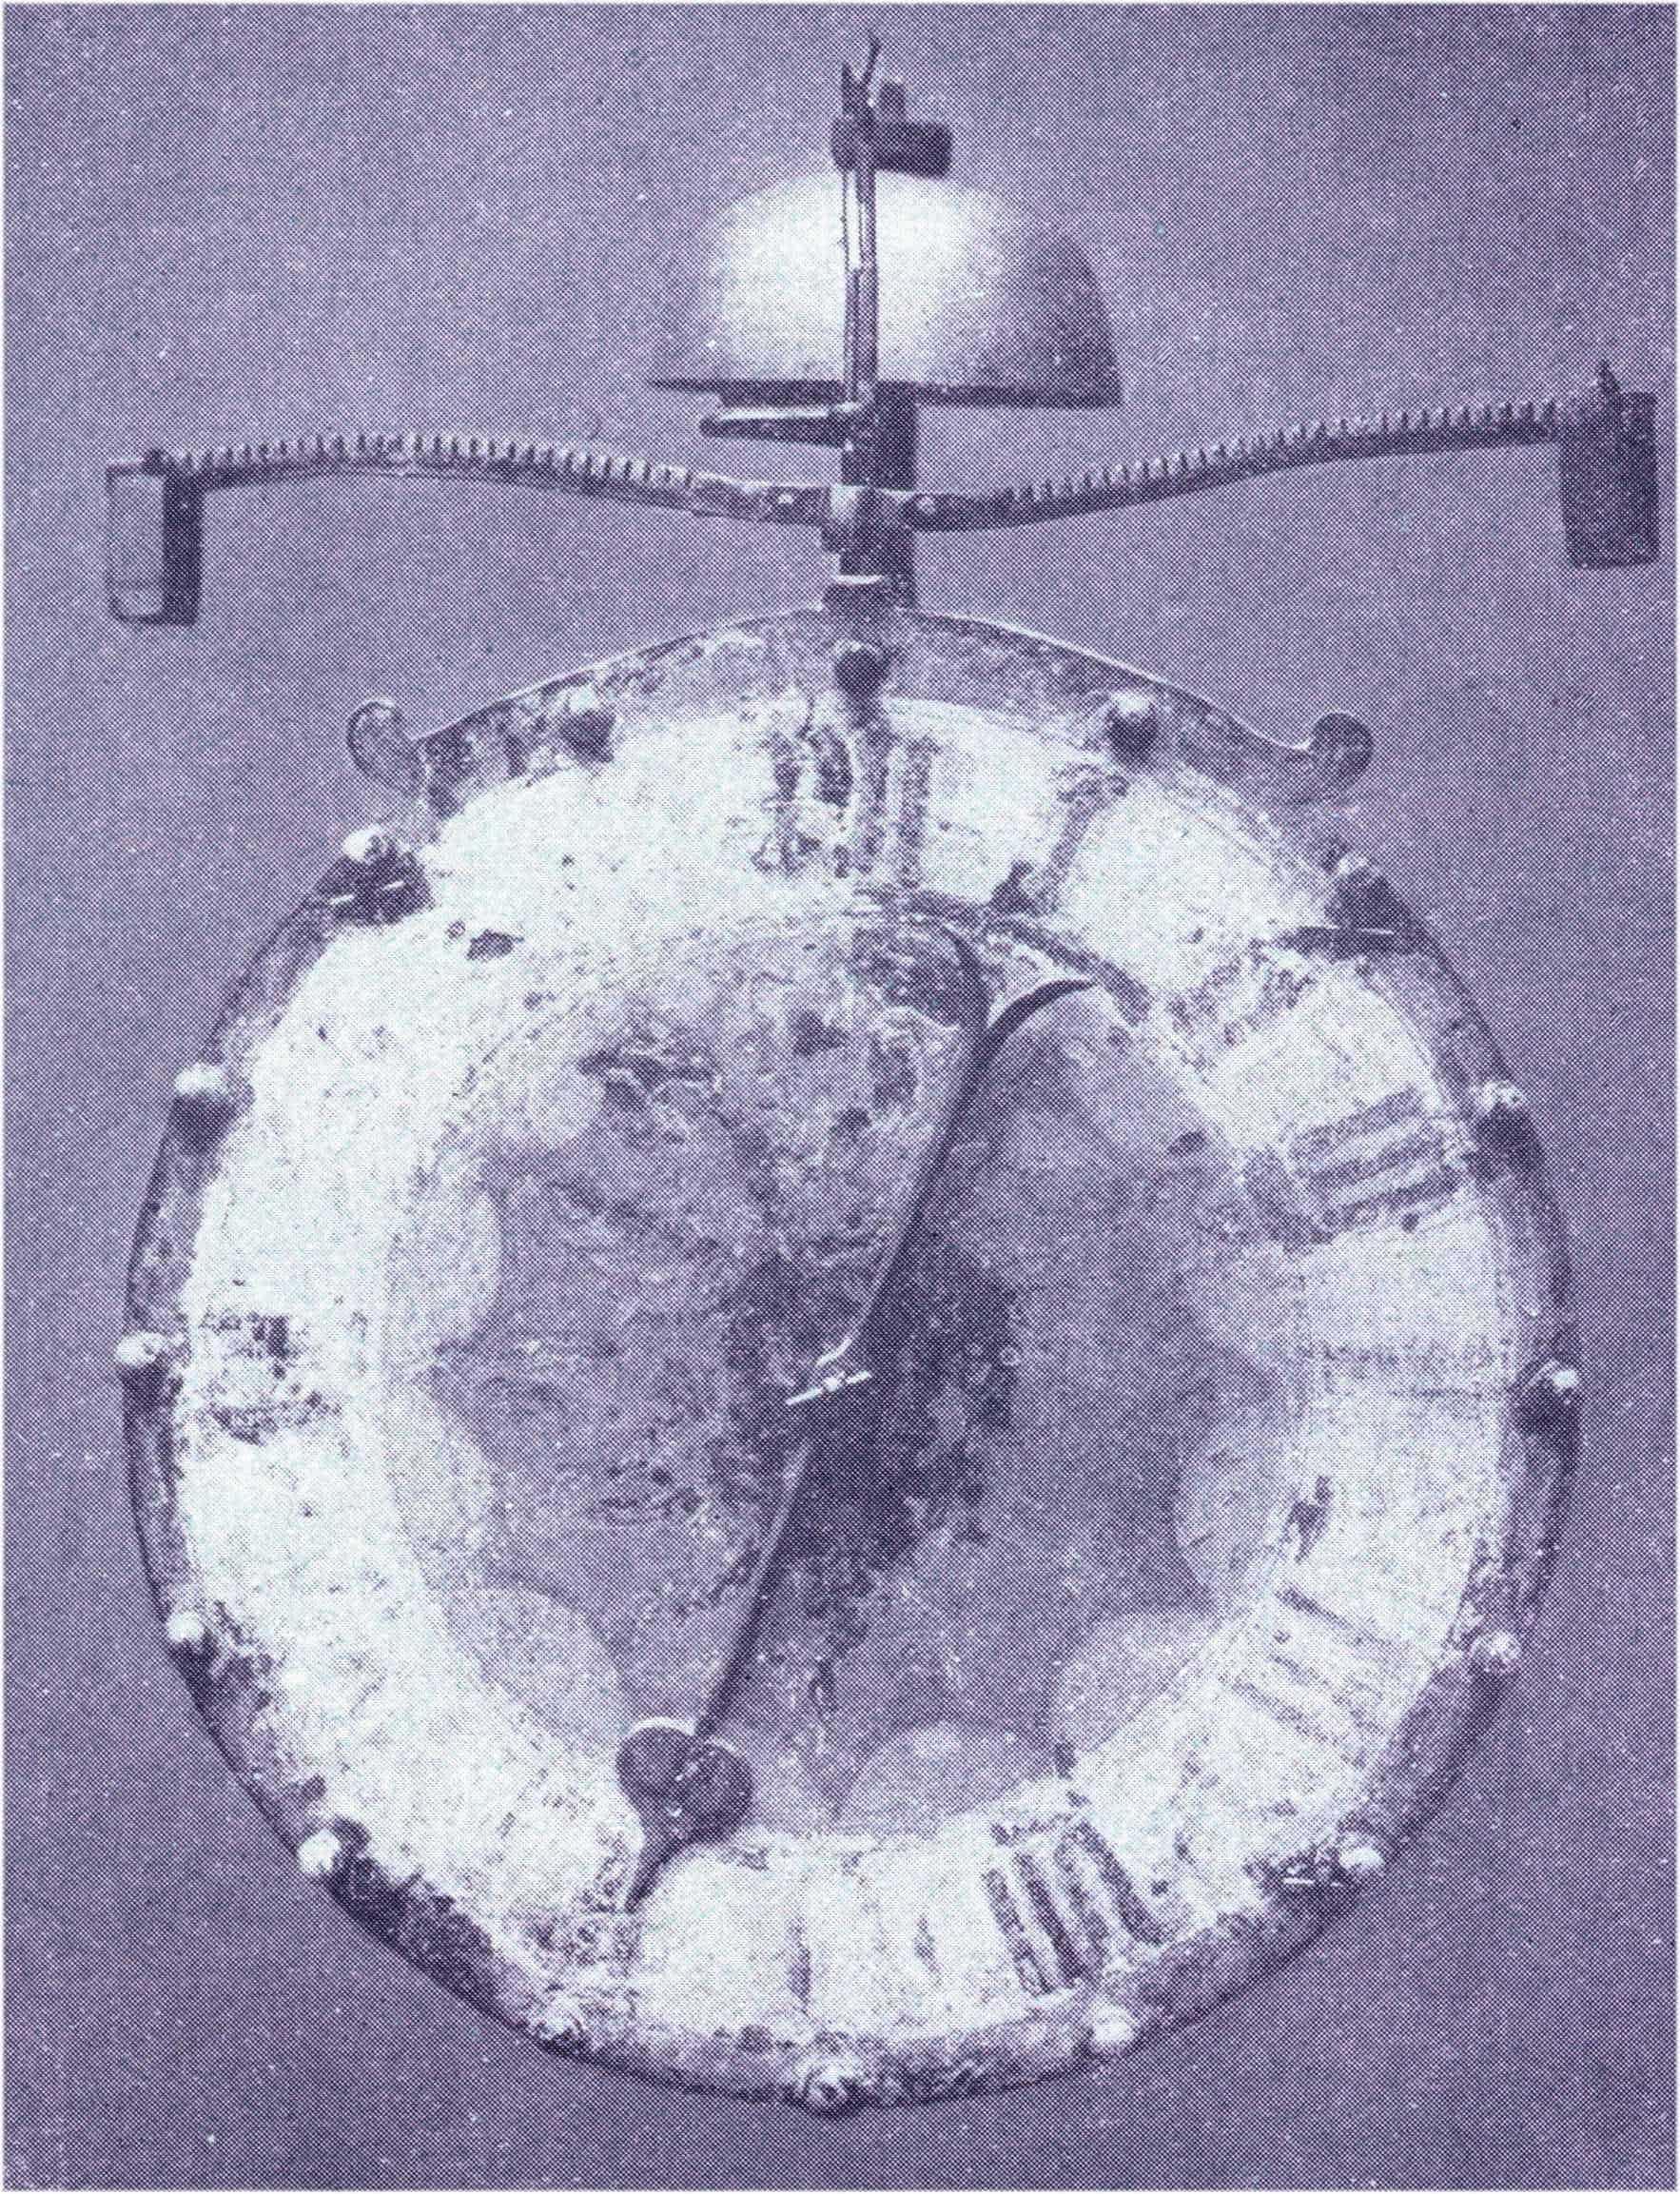 Alte Nürnberger Uhr mit Waagbalken (Foliot) und einem Stundenschlagwerk